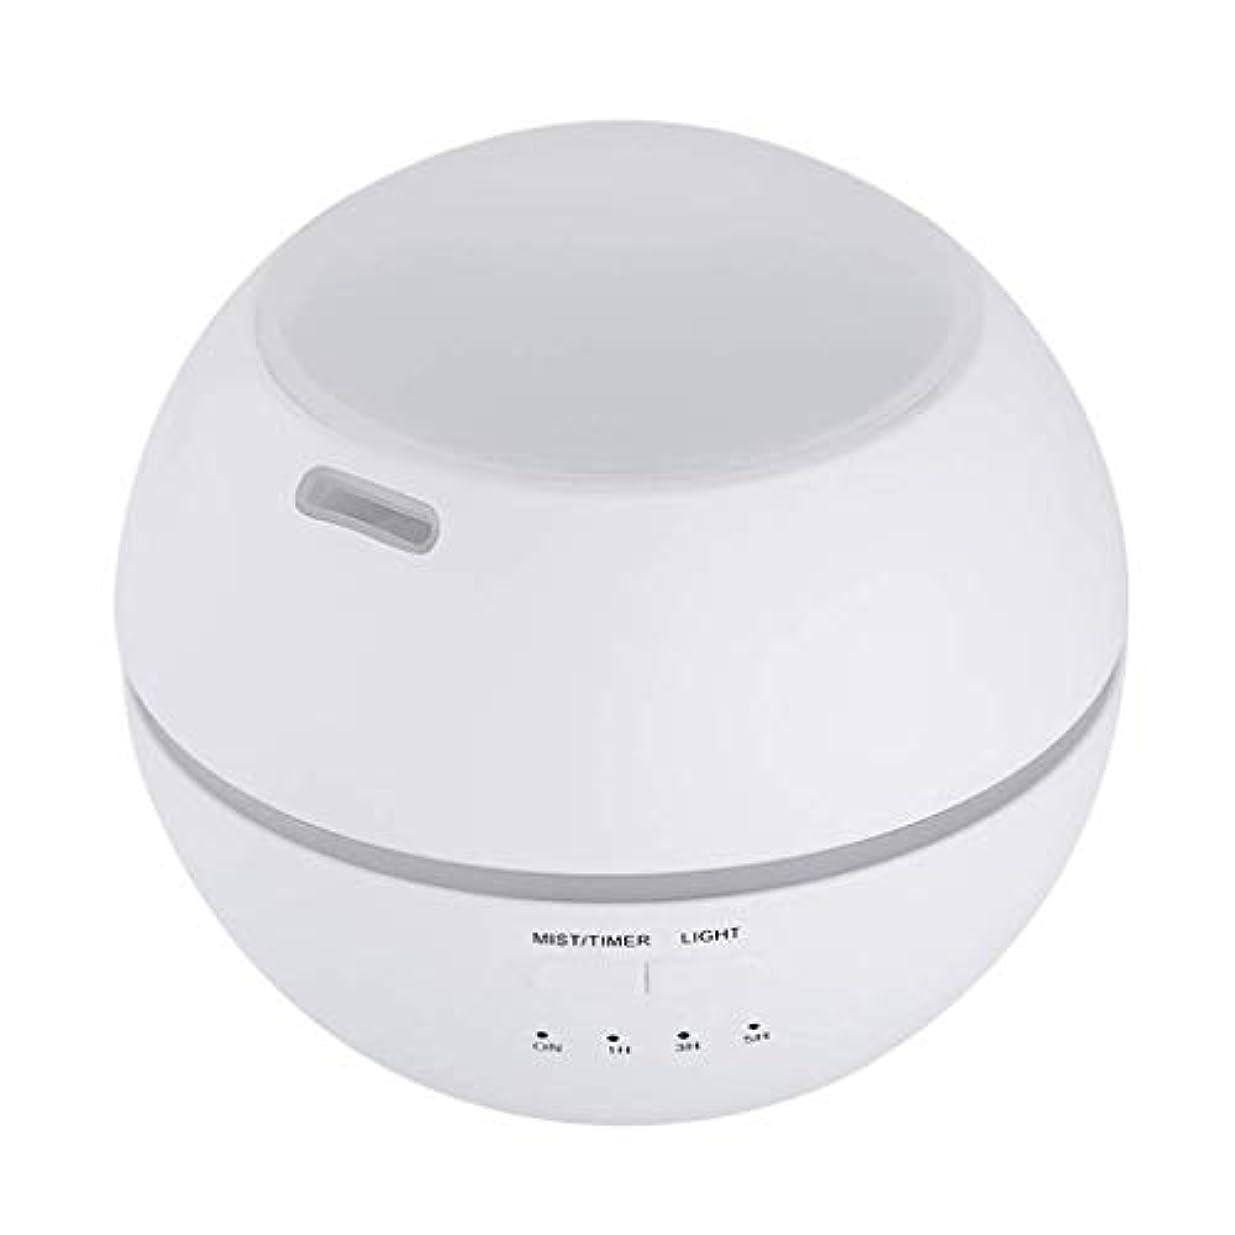 快い電気そして加湿器、ポータブルアロマテラピーランプ、エッセンシャルオイルディフューザー加湿器、LEDランプの色を変える、空気清浄アロマテラピーマシン、サイレント家庭用 (Color : 白)